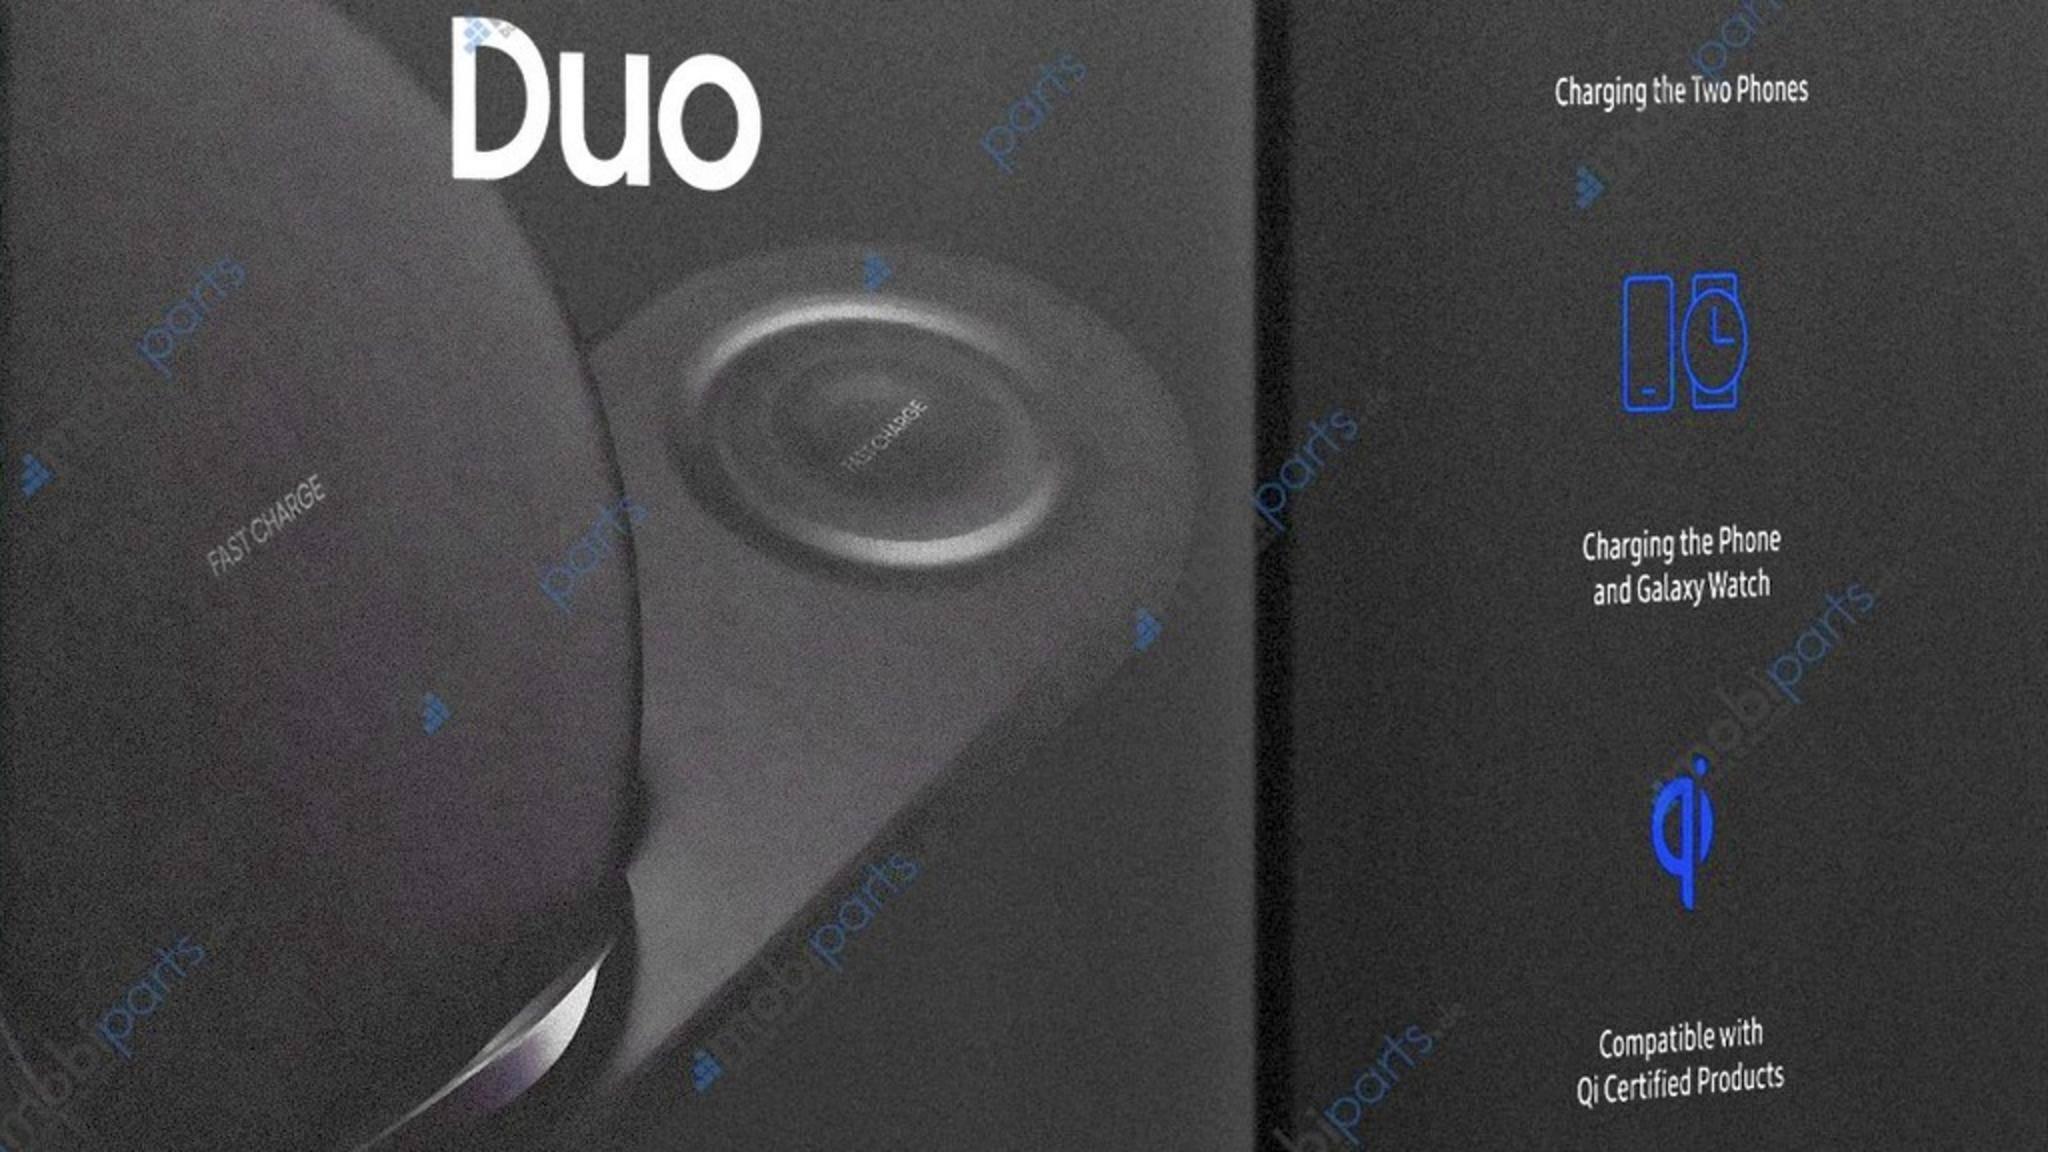 Der Samsung Wireless Charger Duo erlaubt das gleichzeitige Laden von Galaxy Note 9 und Galaxy Watch.